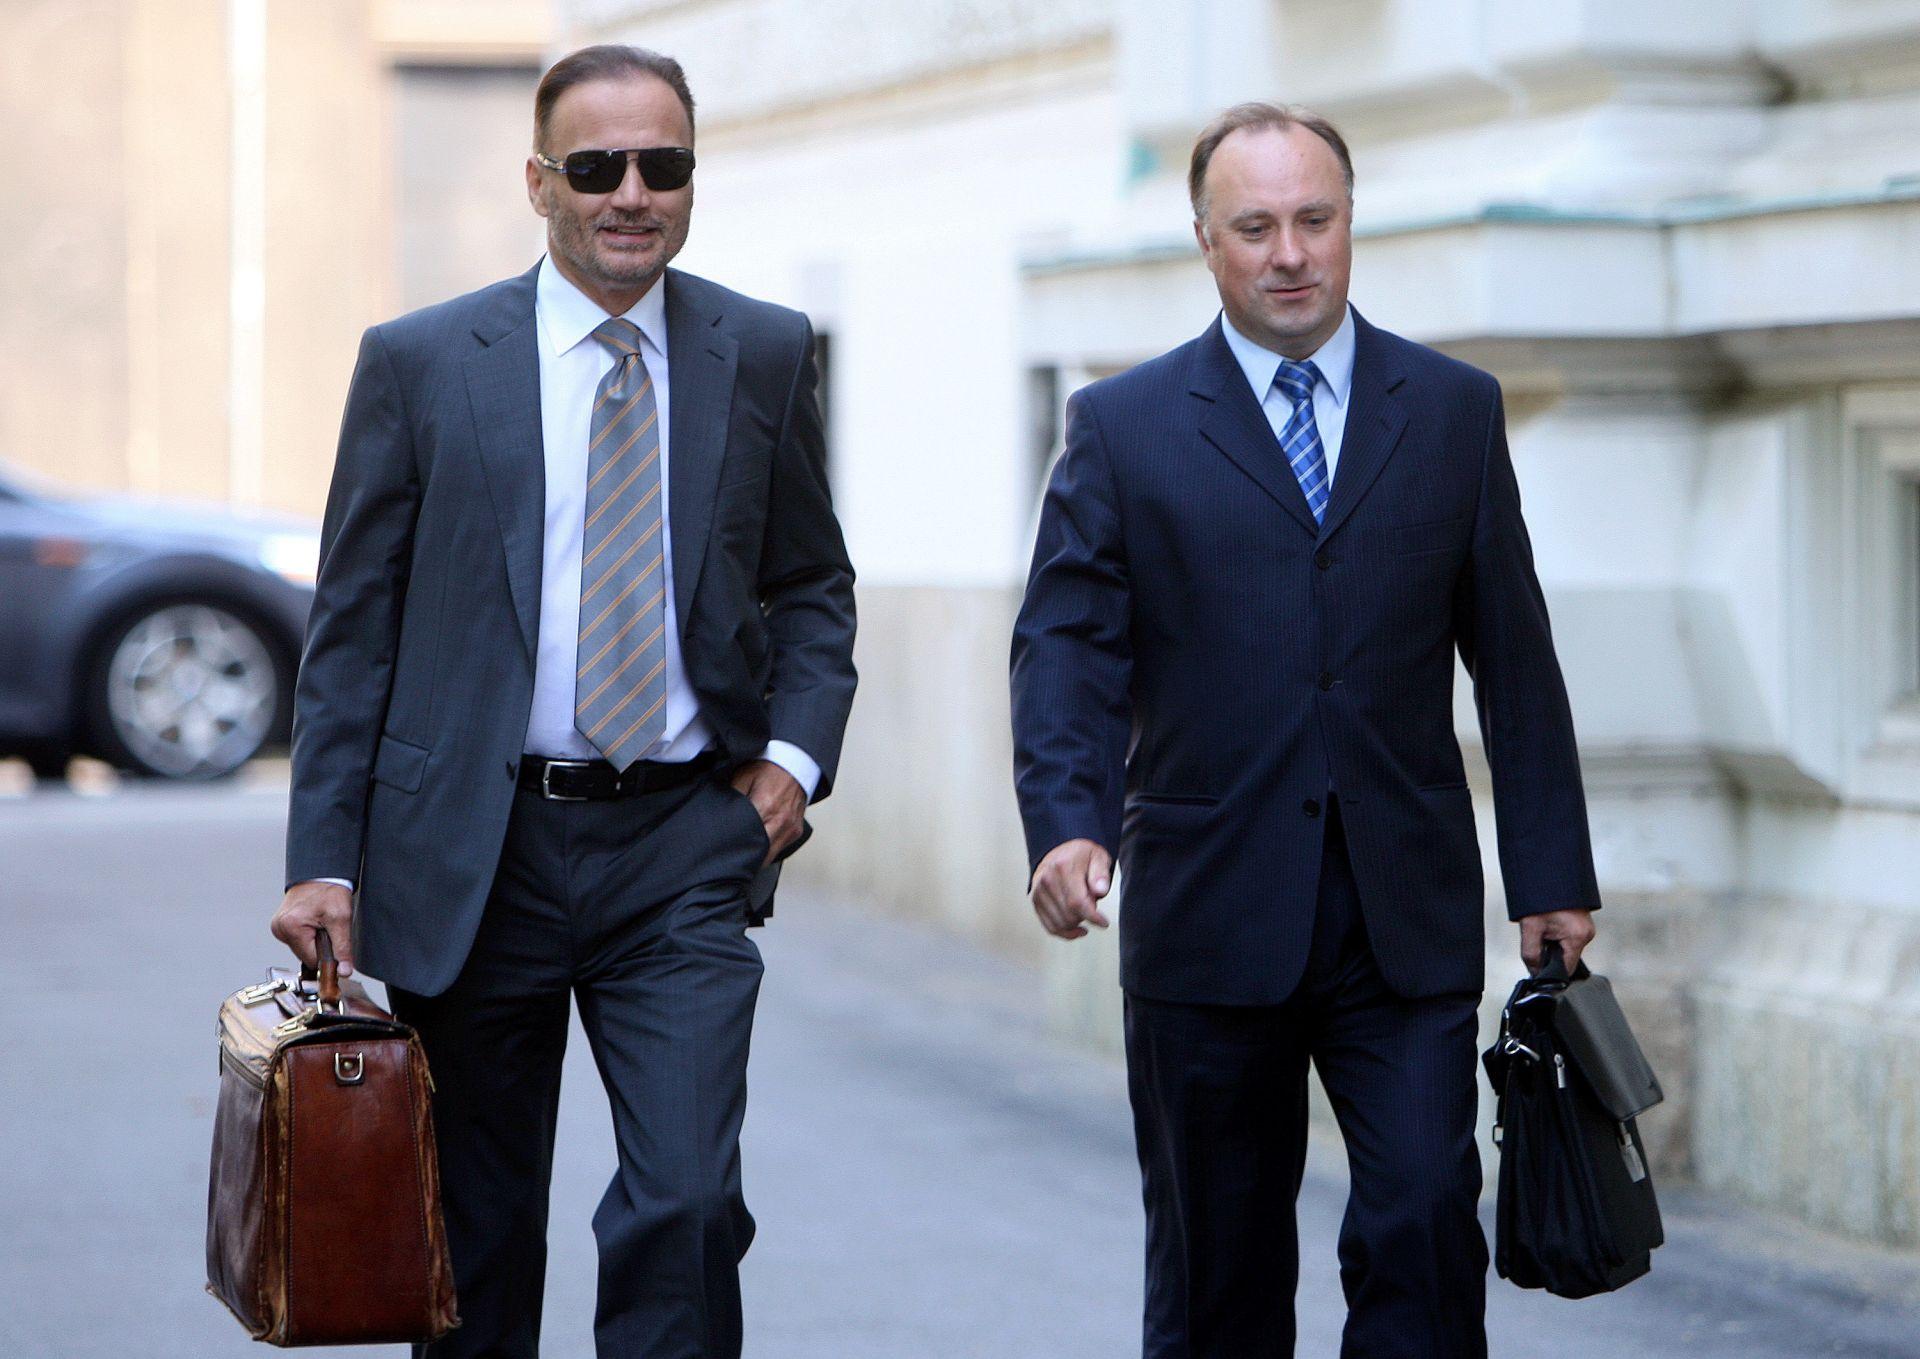 SLUČAJ SPICE: U ponedjeljak objava presude